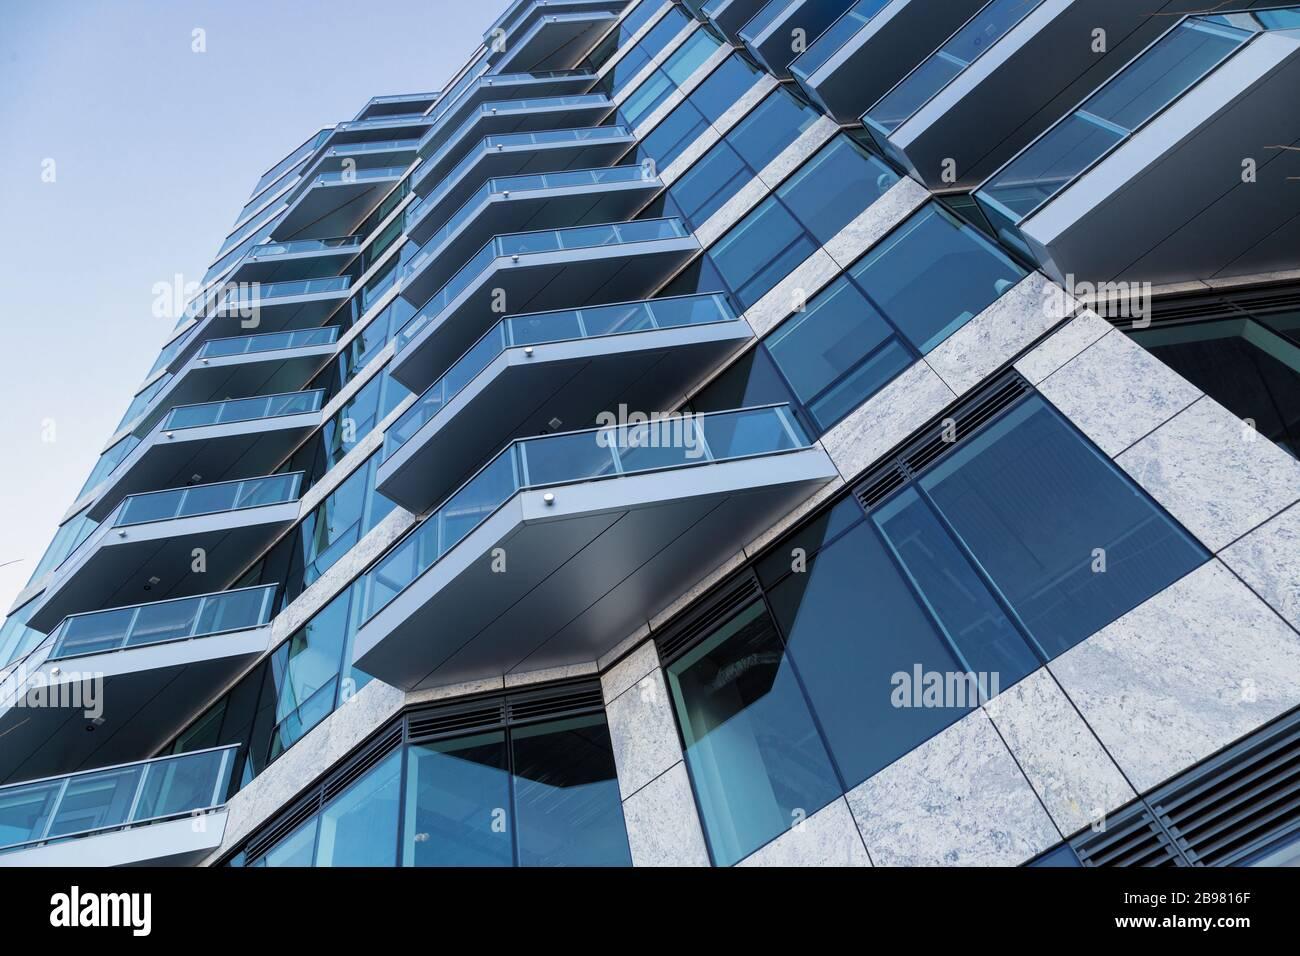 Una vista en perspectiva del edificio azul Foto de stock